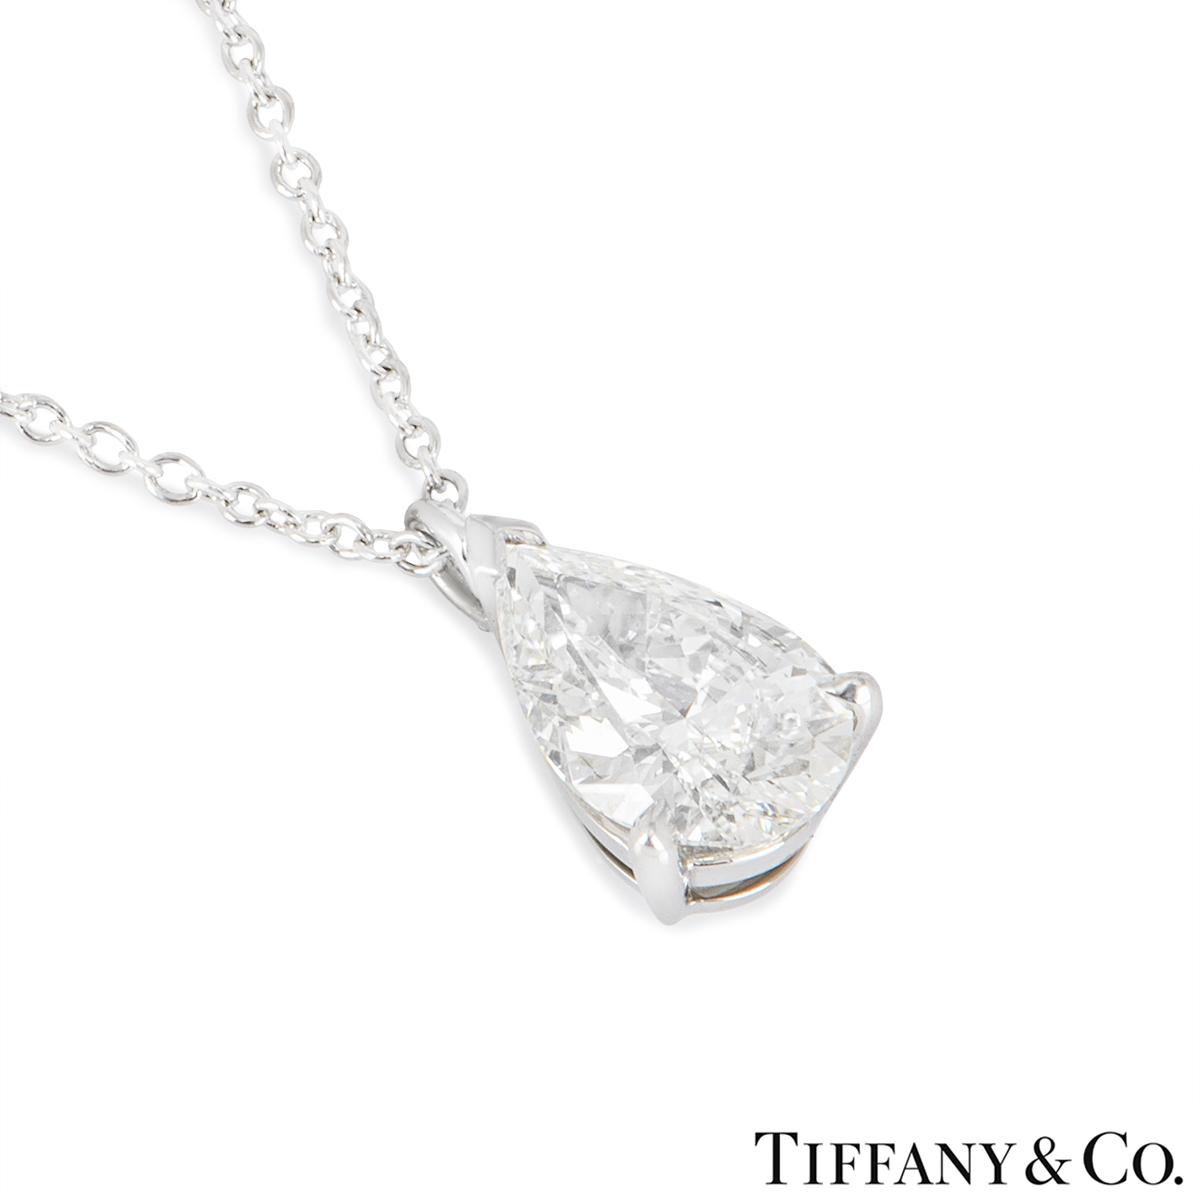 Tiffany & Co. Platinum Diamond Pendant 1.28ct I/VVS2